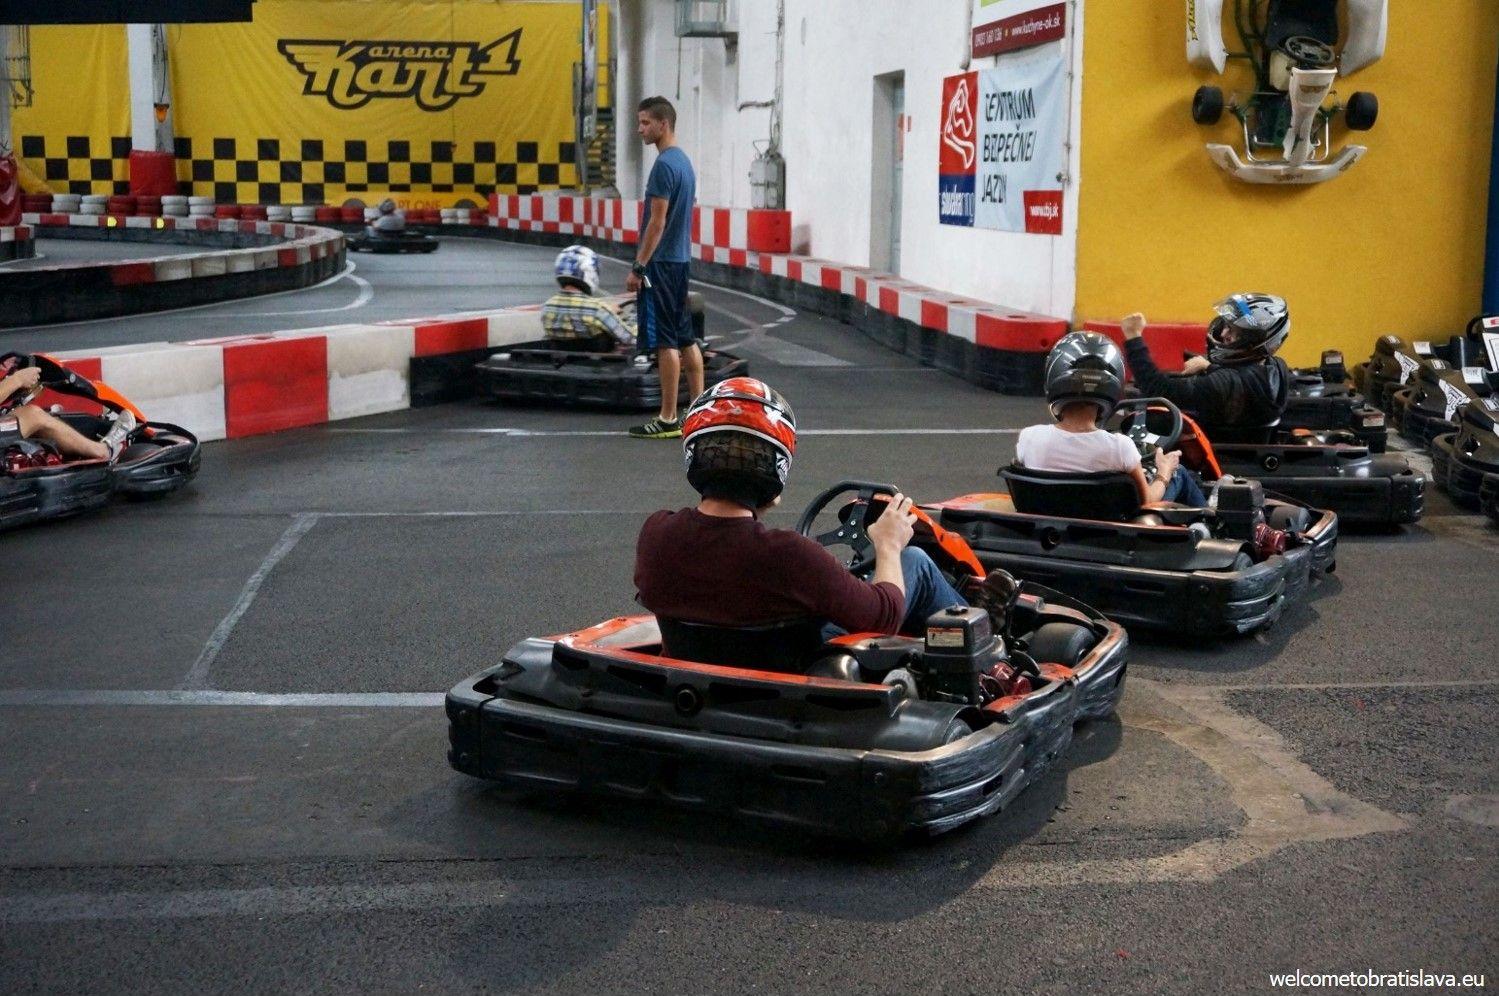 Go karting in Bratislava